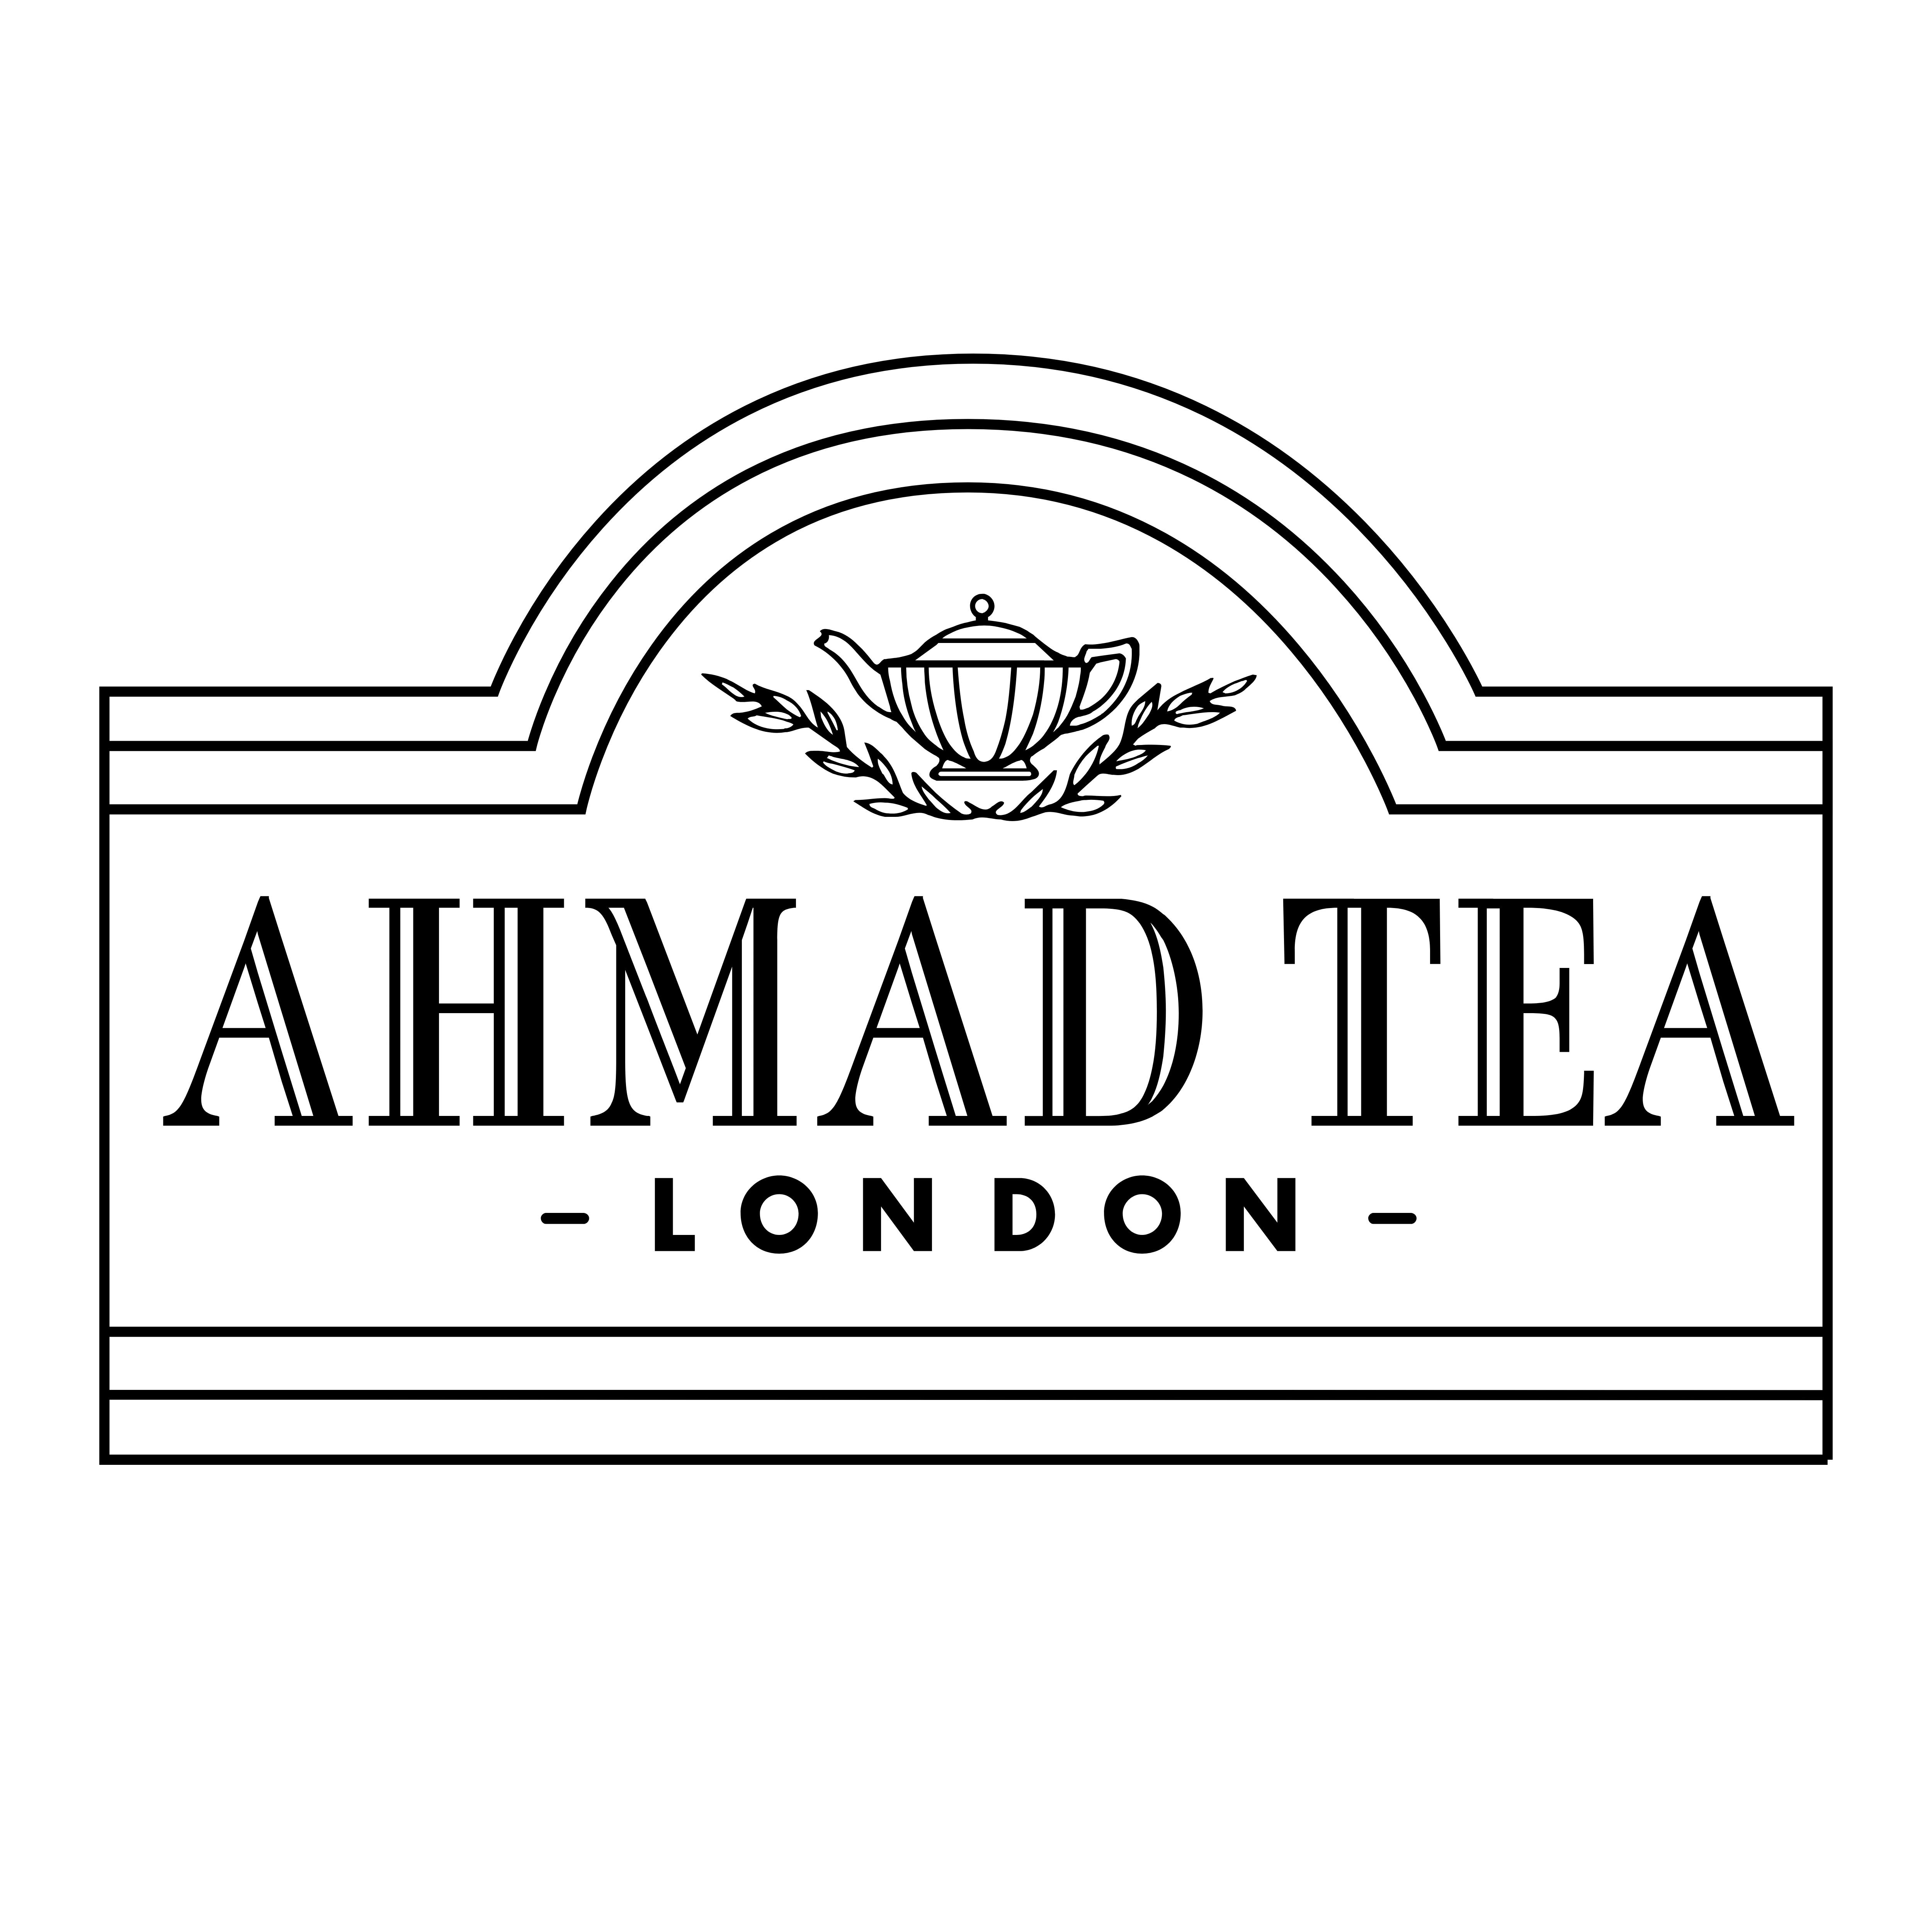 Ahmad Tea Logos Download